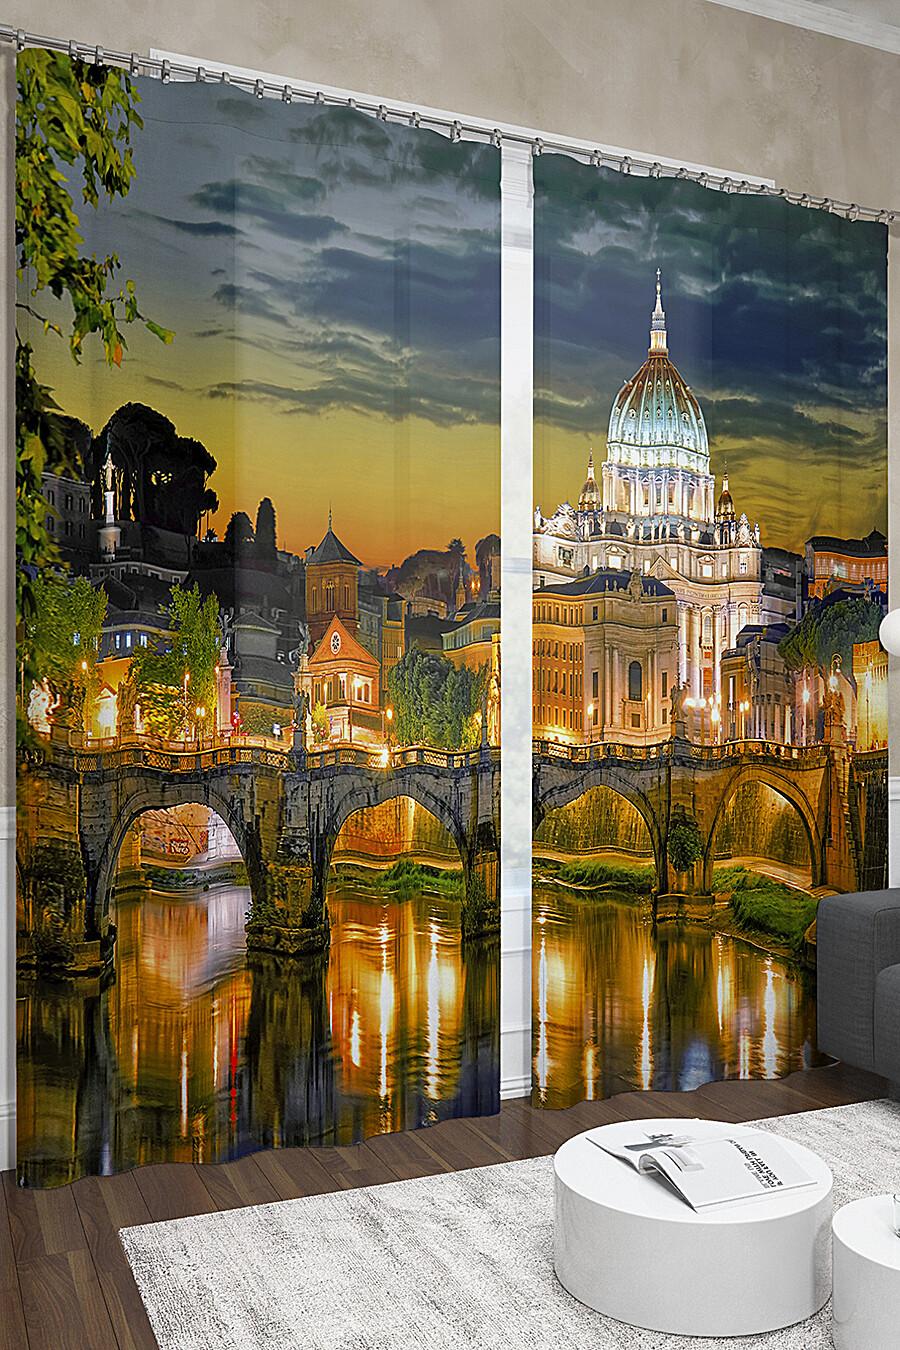 Фотошторы для дома ART HOME TEXTILE 124199 купить оптом от производителя. Совместная покупка товаров для дома в OptMoyo